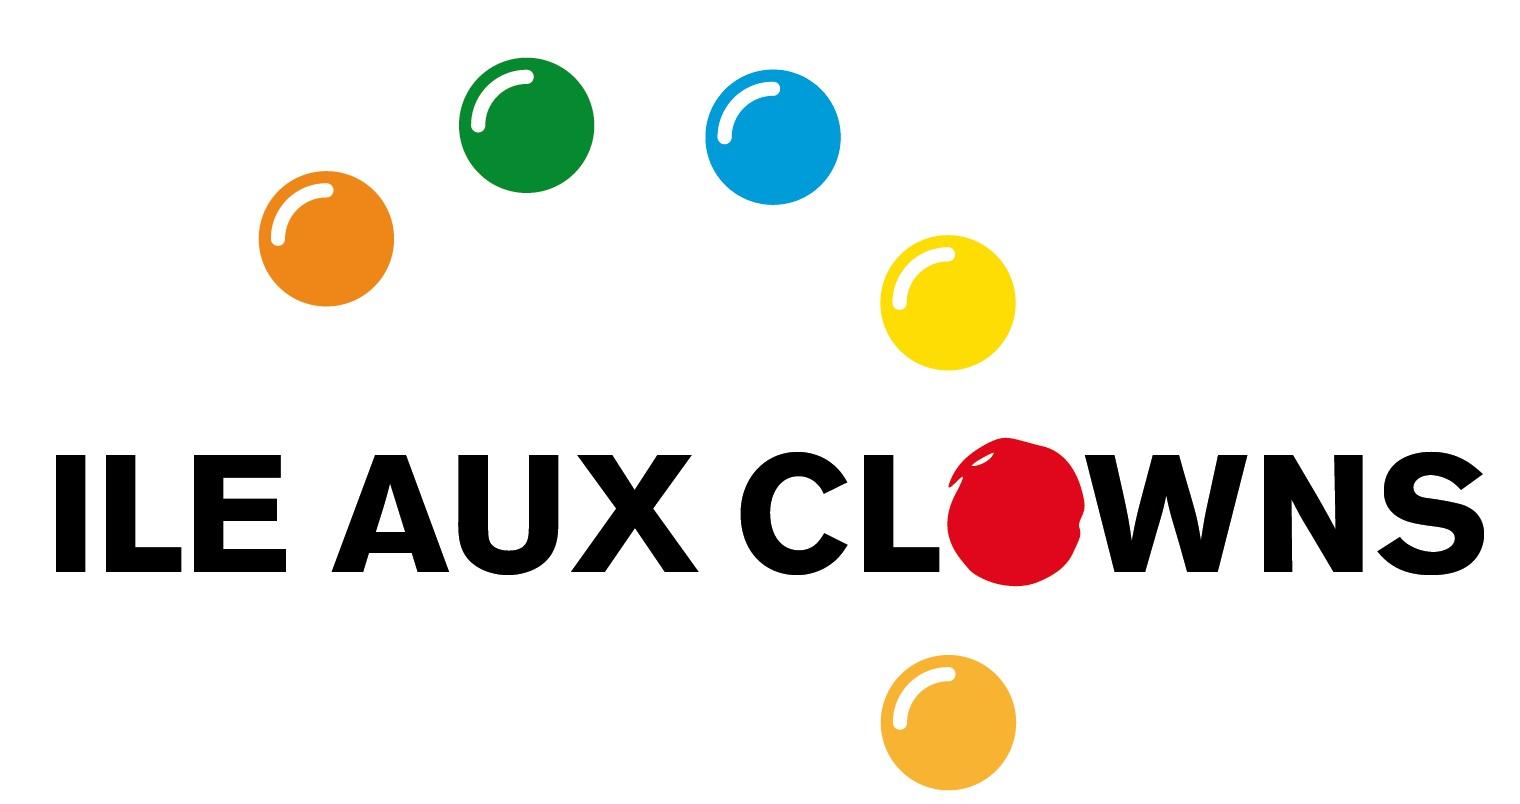 L'IEDRS, spécialiste de la médiation et de la résolution des conflits, a travaillé avec l'Ile aux Clowns